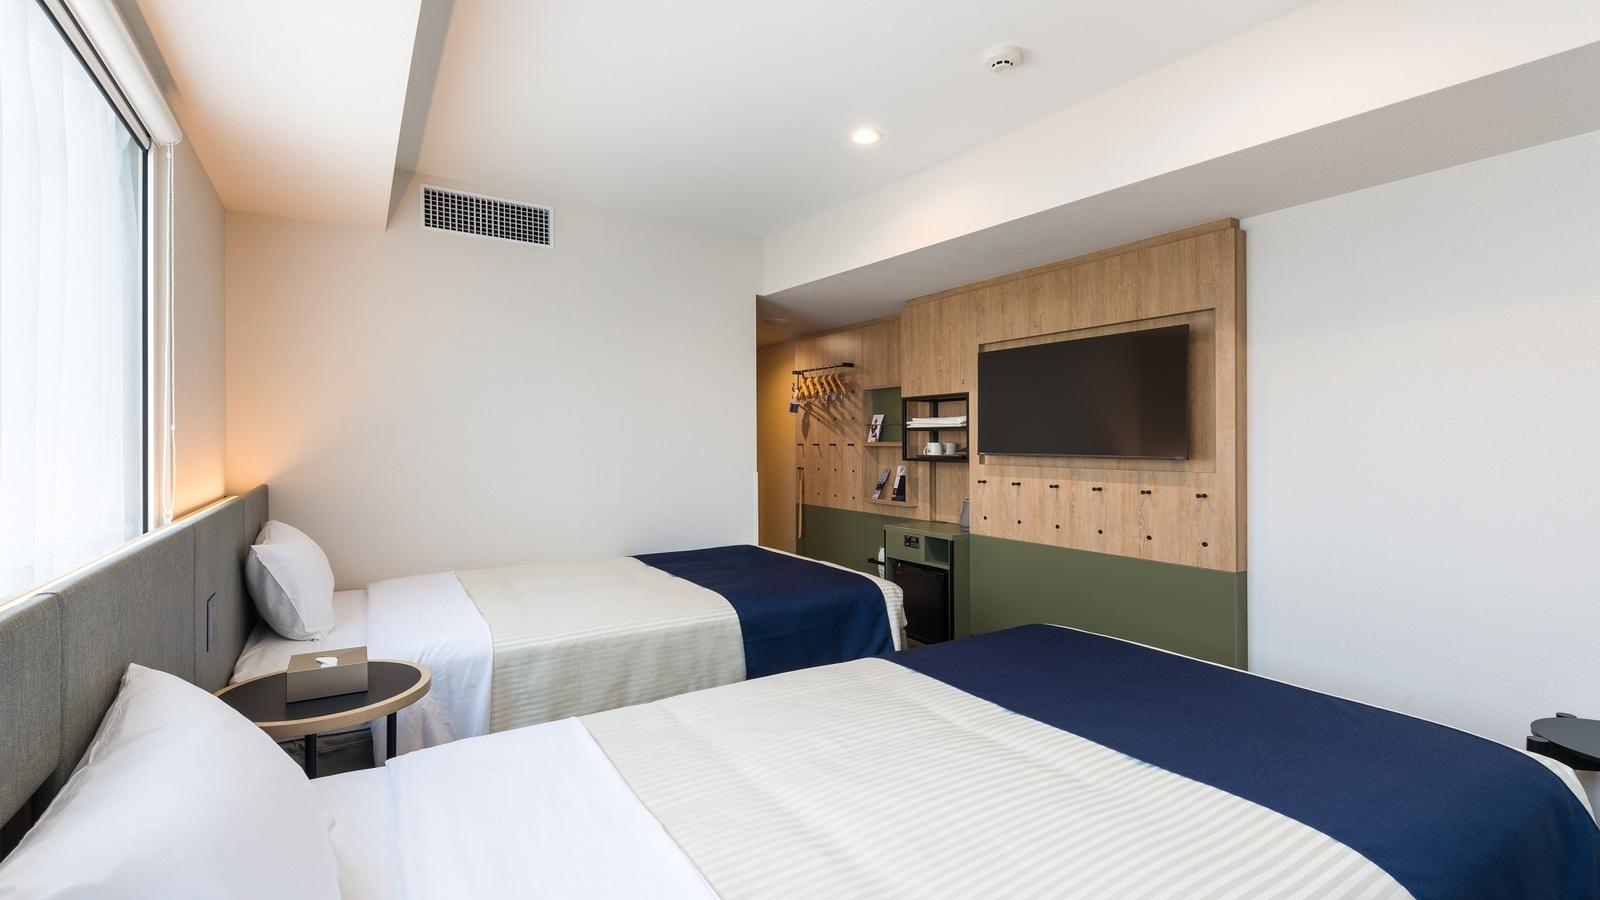 hotel MONday 秋葉原浅草橋 デラックスツイン(エキストラベッド付)